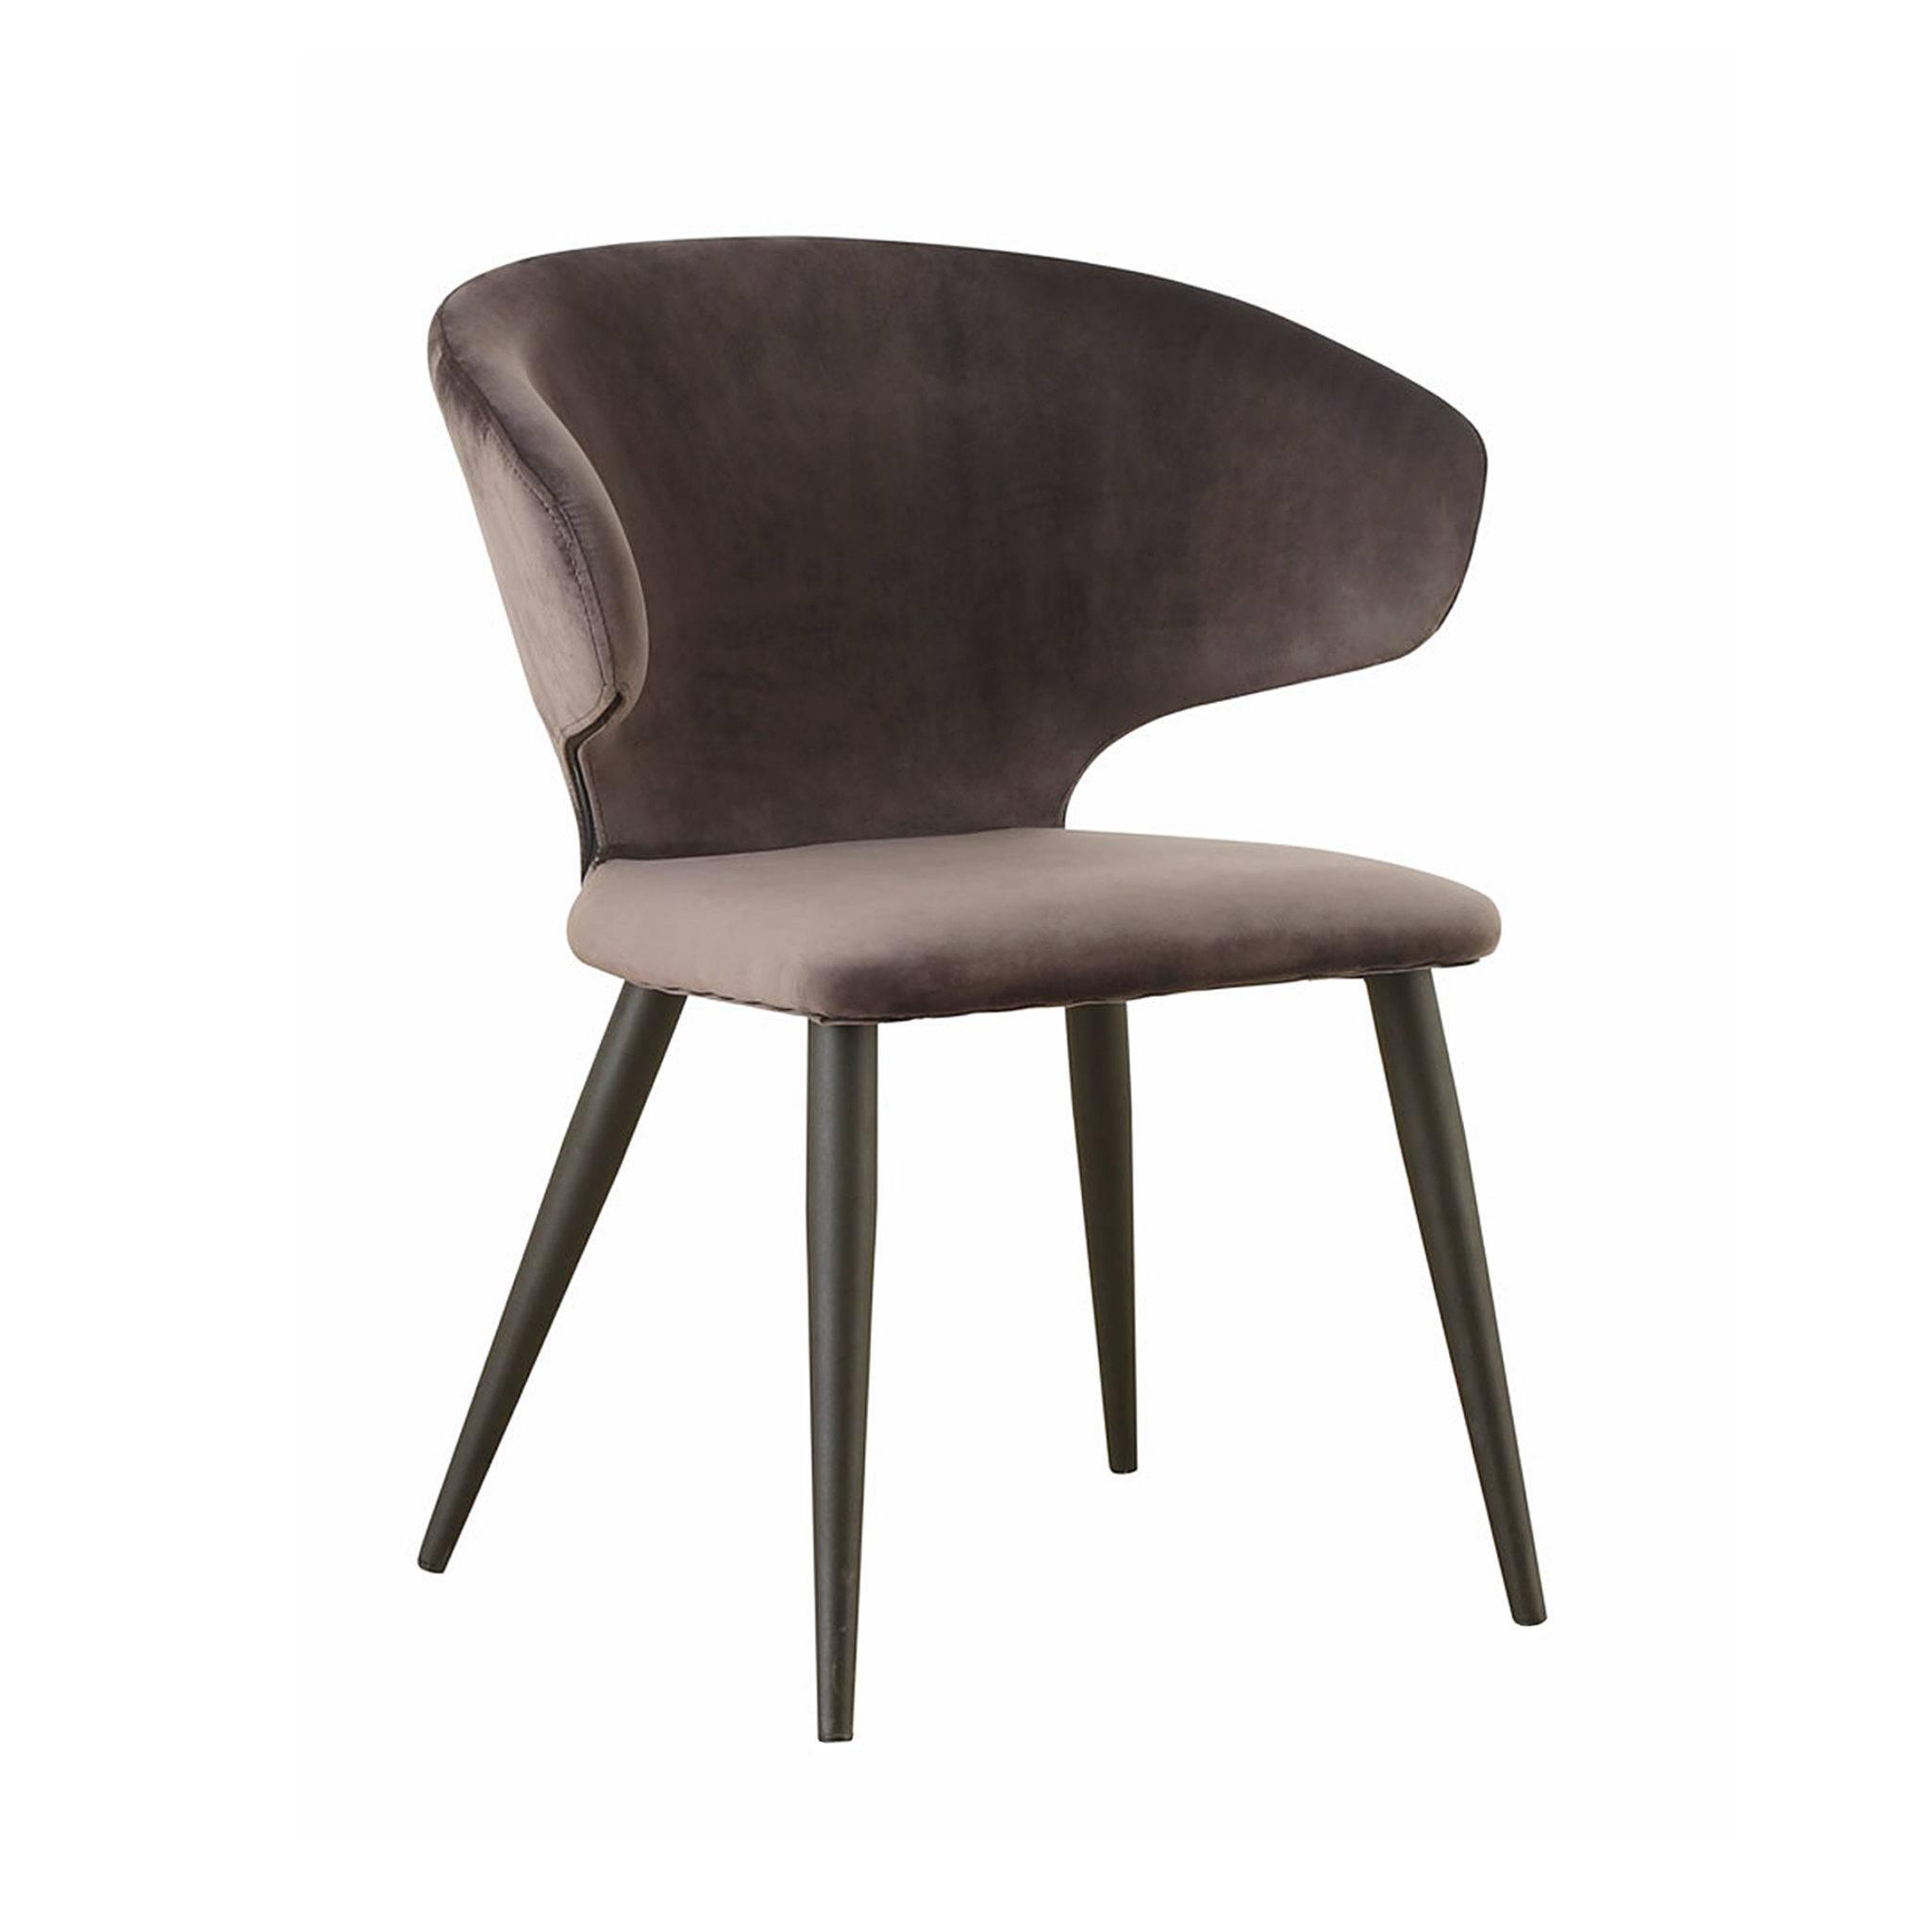 Серо-коричневый коричневый серый бархатный стул в стиле шестидесятых, стул в стиле 60-х, обеденный дизайнерский стул, купить серо-коричневый стул, бархатный стул, красивый стул российского производства, китайский стул, купить китайскую мебель